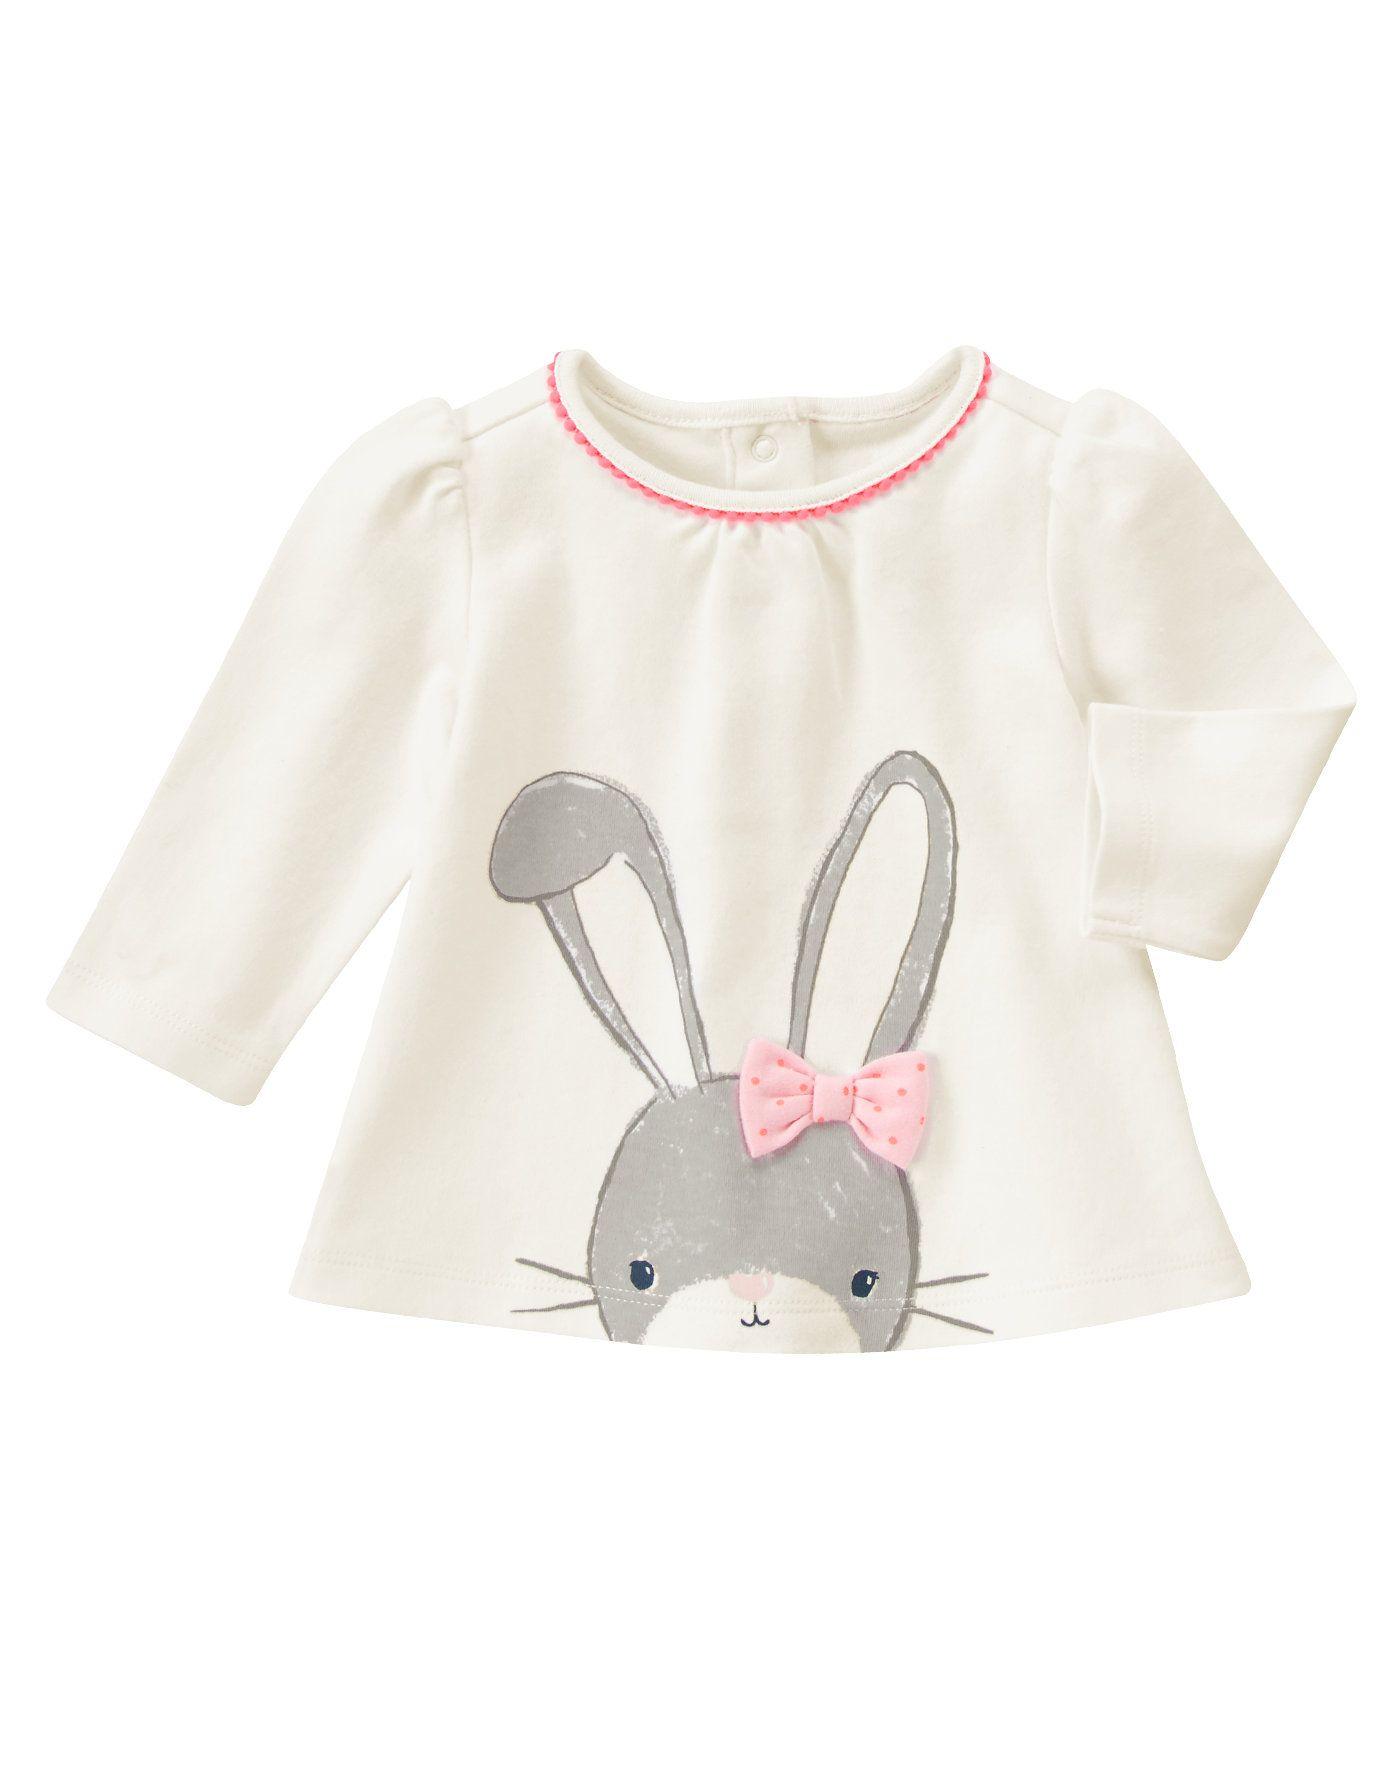 54d203170 Bunny Top at Gymboree Vestidos De Nenas, Ropa De Chicas, Pijamas Para Niñas,